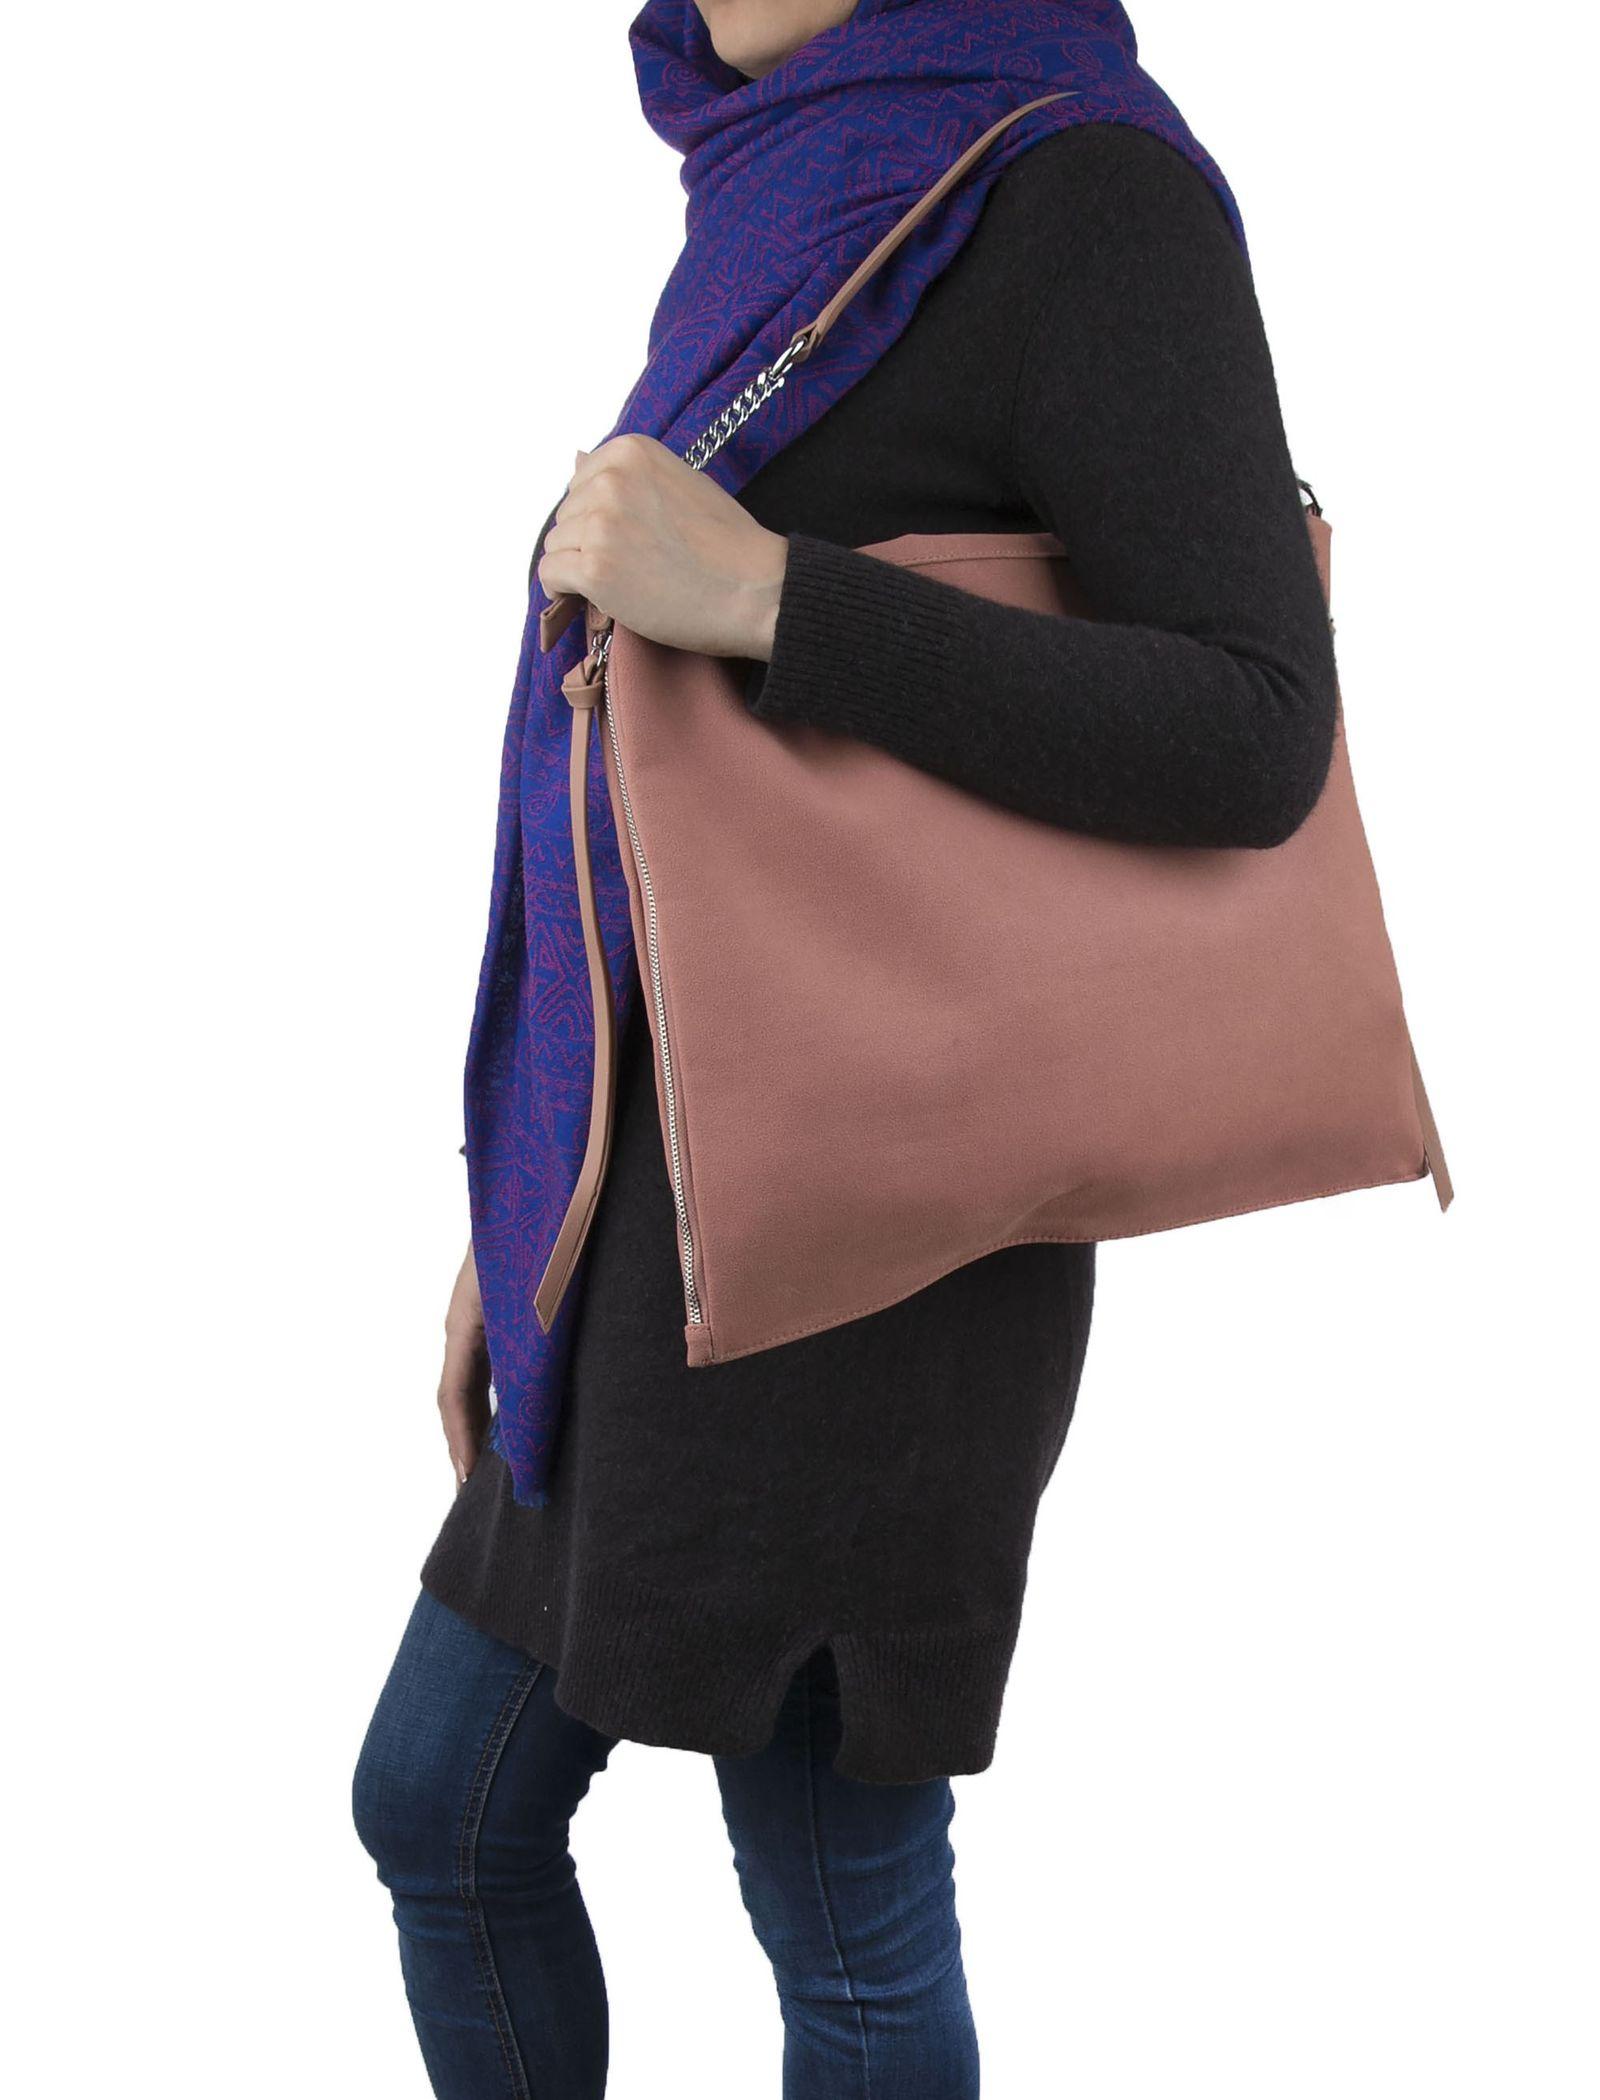 کیف دستی روزمره زنانه - شانتال - صورتي - 4